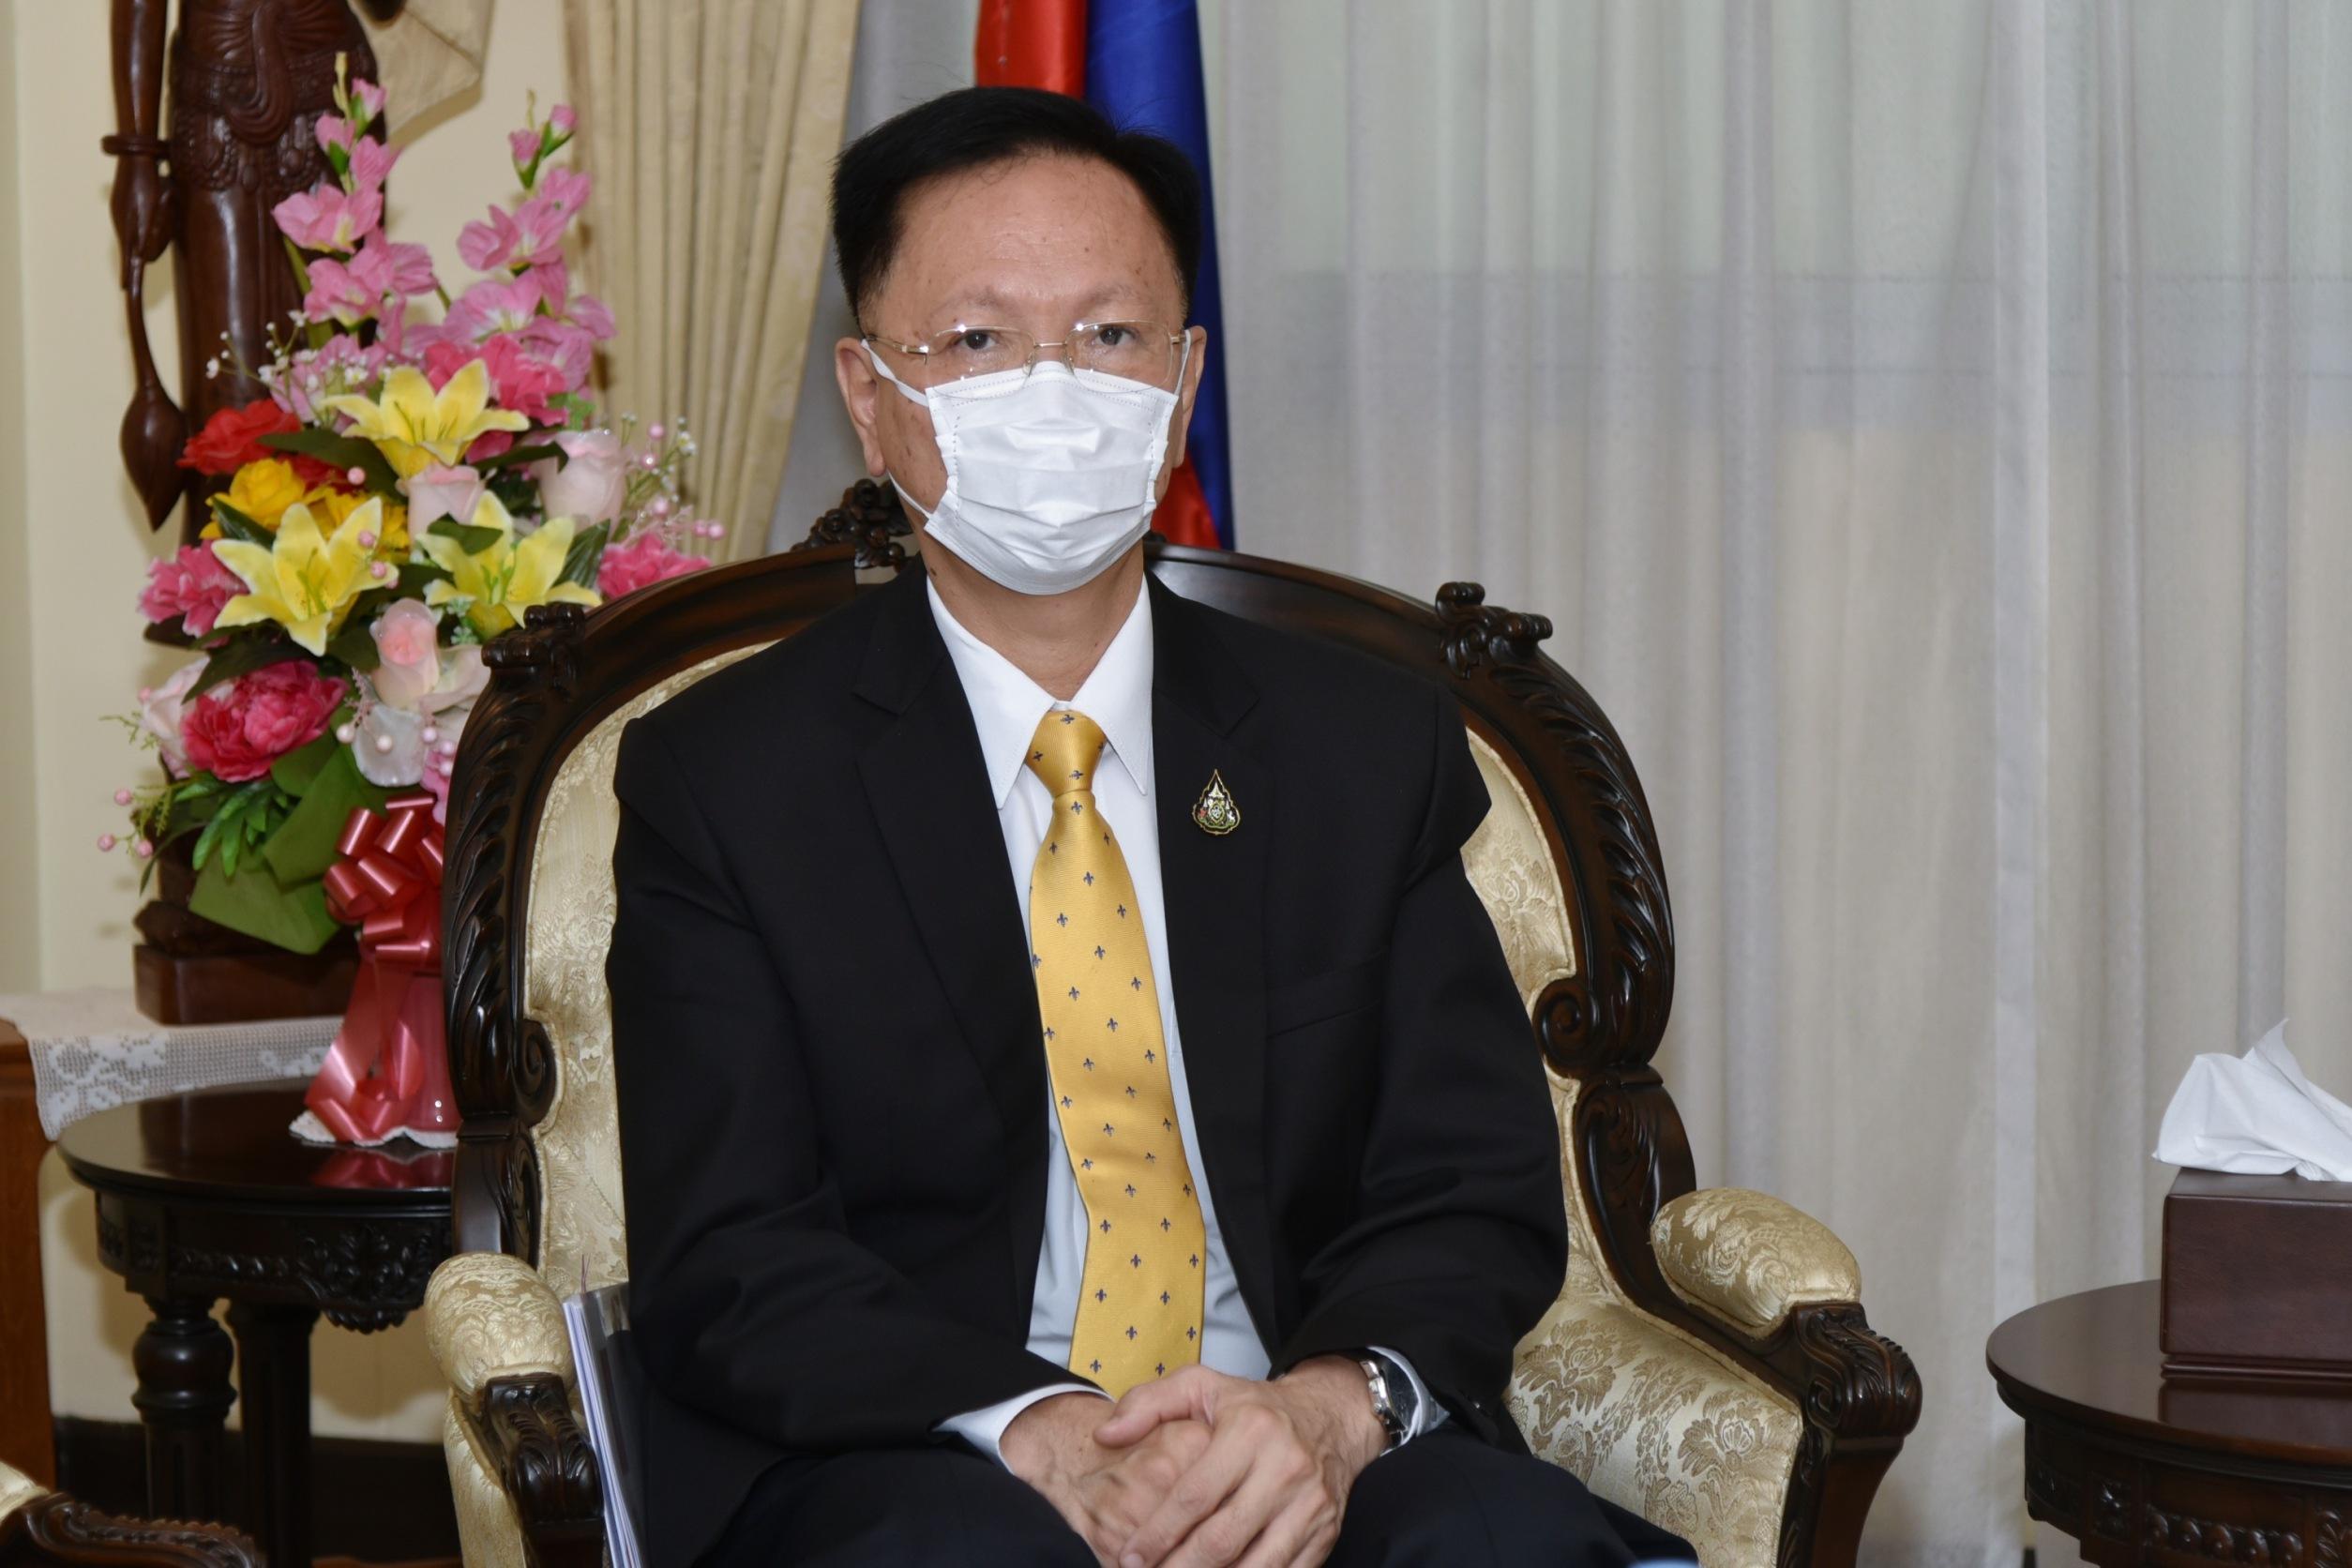 นายสุชาติ พรชัยวิเศษกุล อธิบดีกรมการจัดหางาน  ร่วมประชุมหารือกับ   H.E. OUK Sorphorn เอกอัครราชทูตวิสามัญผู้มีอำนาจเต็มแห่งราชอาณาจักรกัมพูชาประจำประเทศไทย ประเด็น สถานการณ์แรงงานกัมพูชาในประเทศไทย